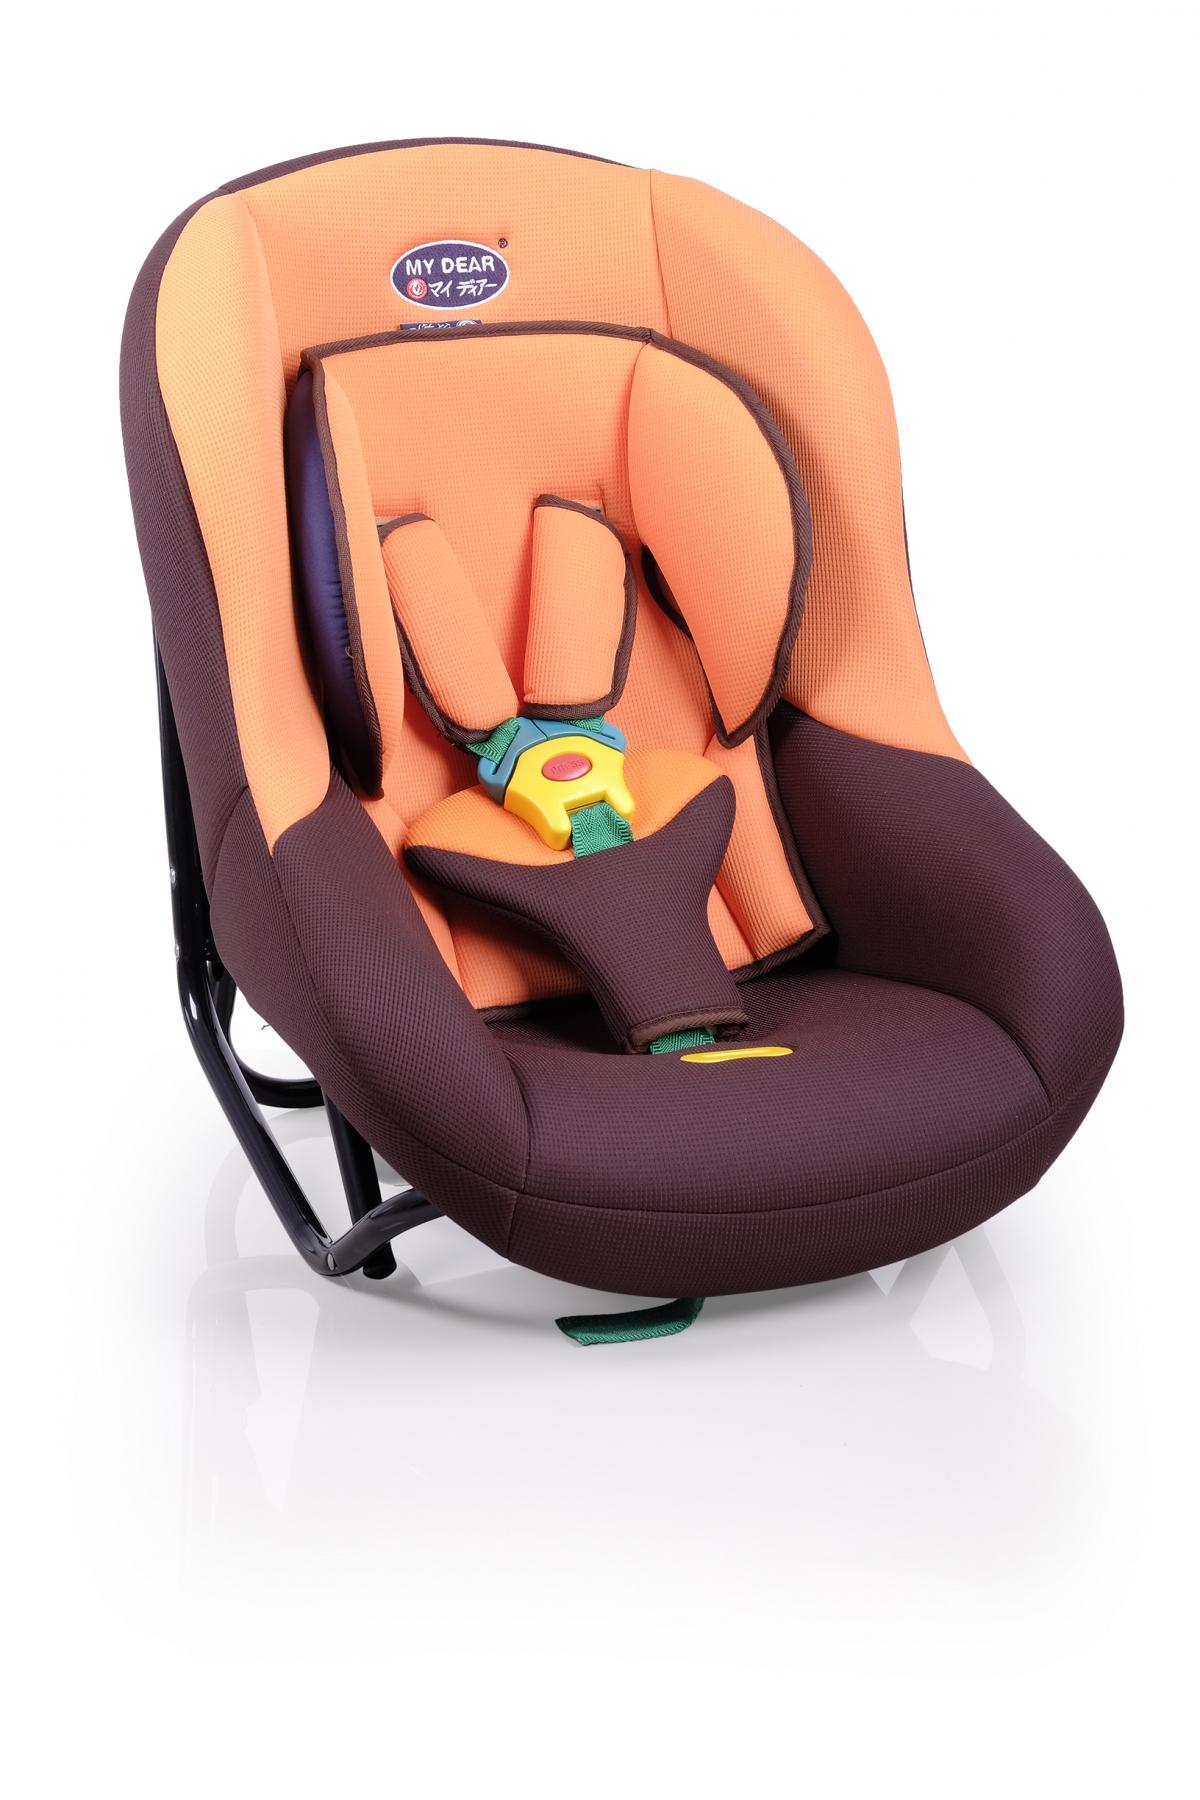 30008 Car Seat Baby Car Seat